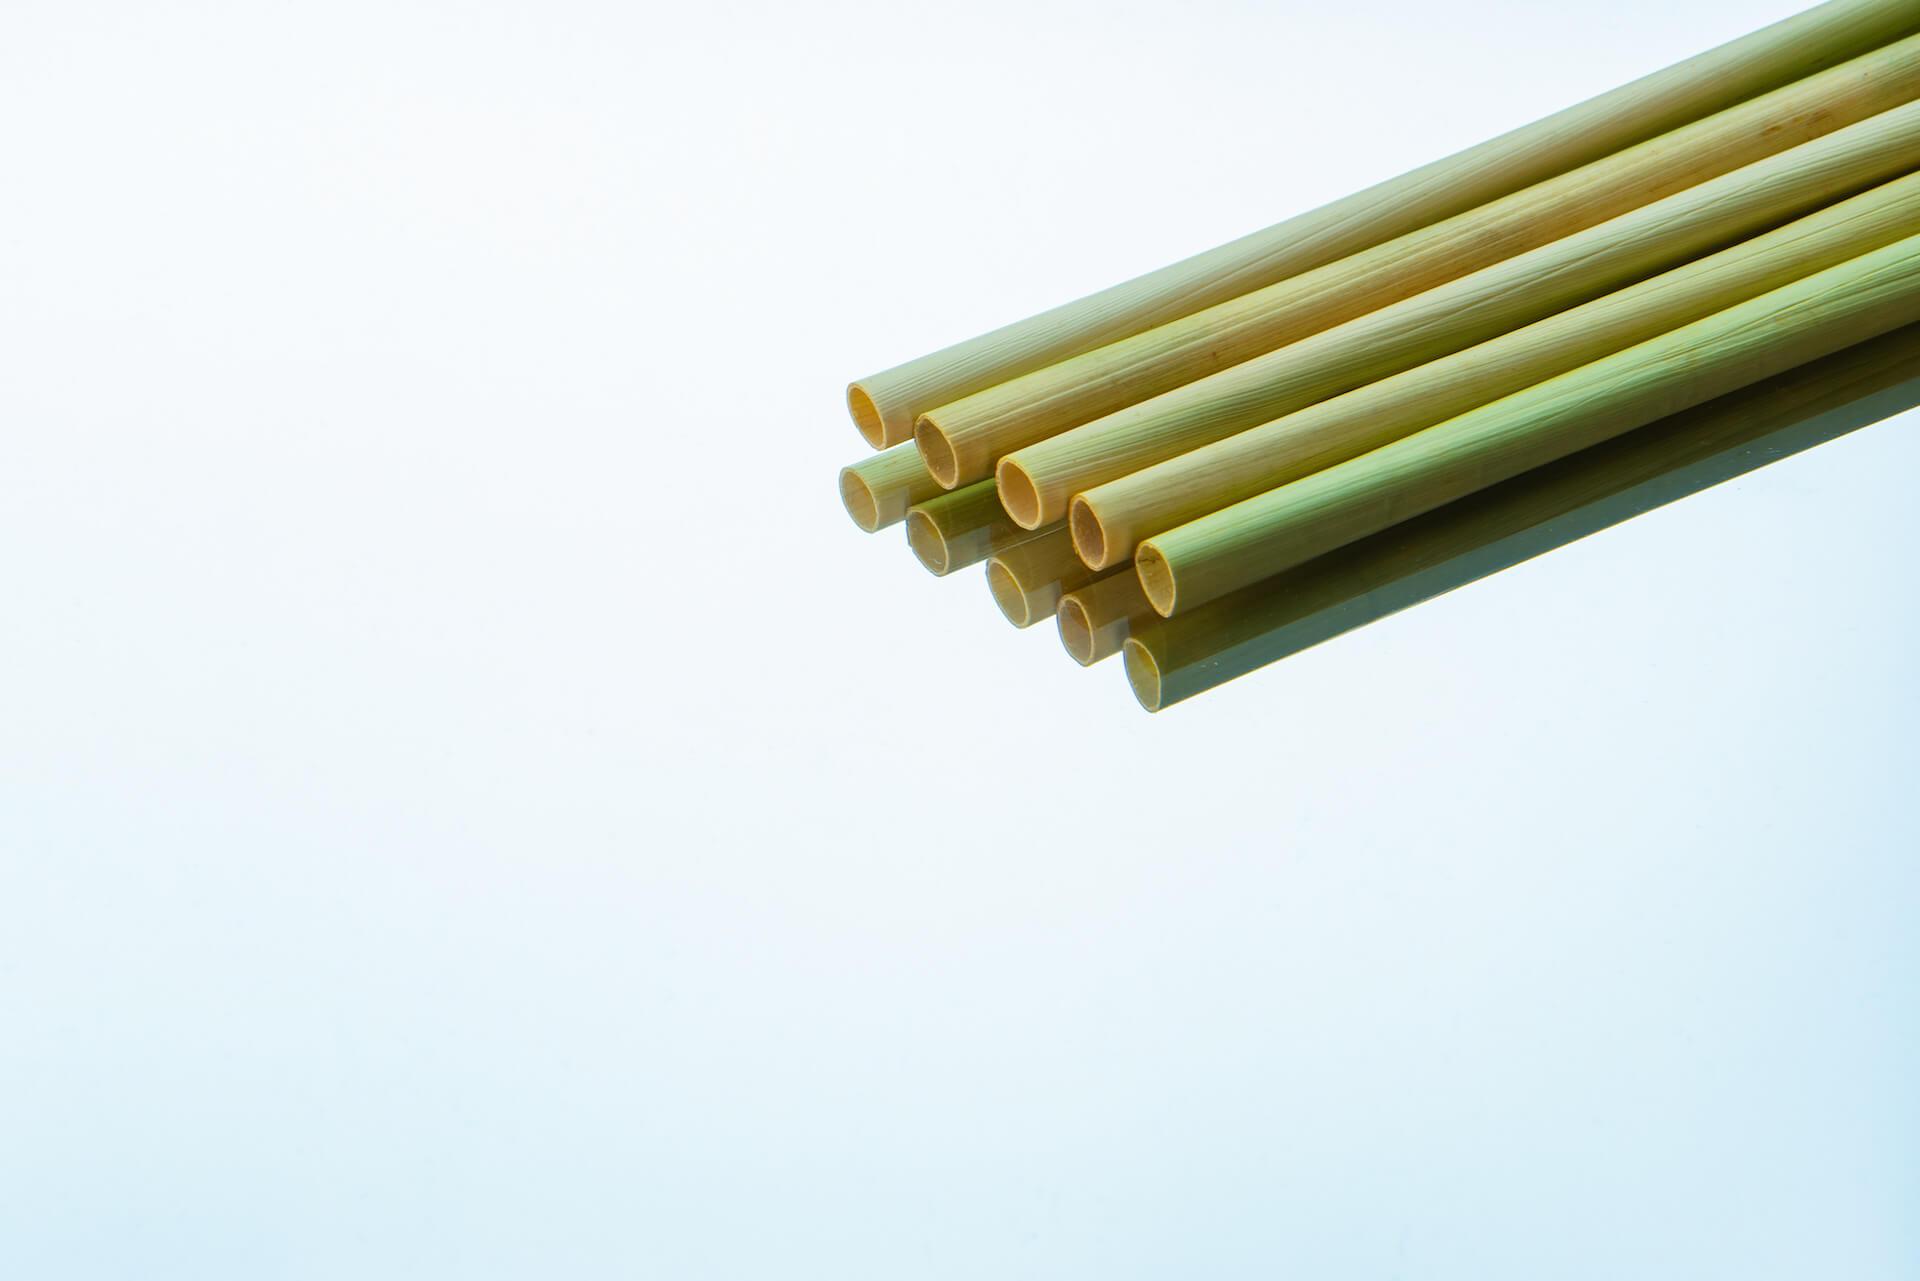 ふやけない!世界中で広まりつつあるサステイナブルな管のストロー「セジー」が登場 DSC_1399